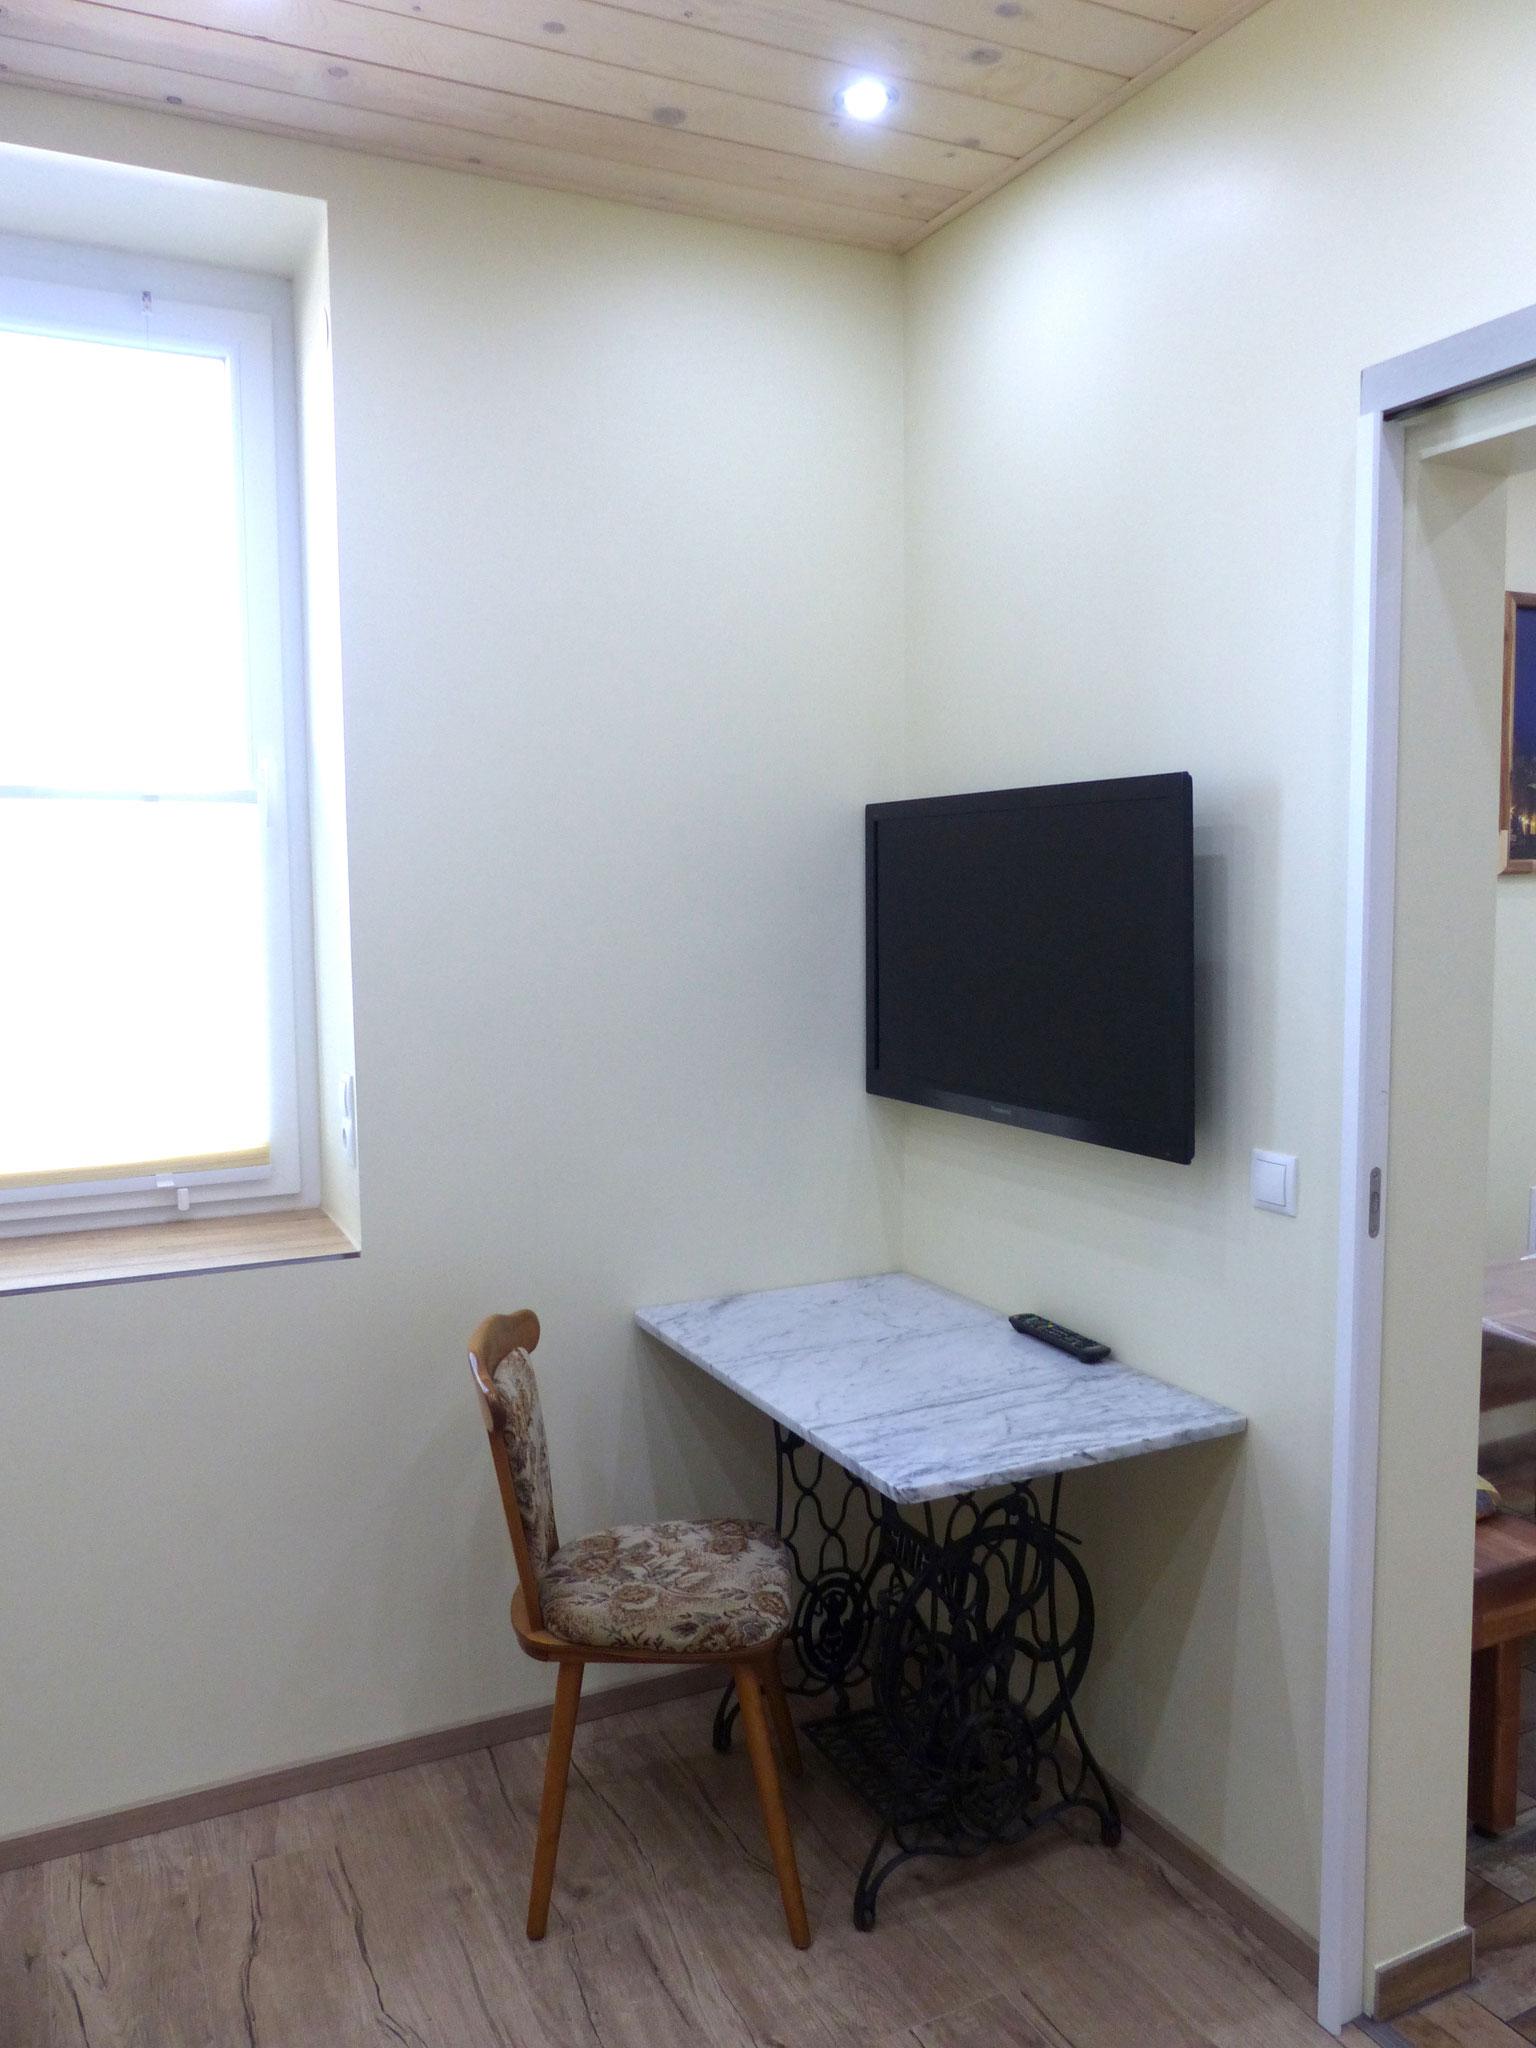 Schlafzimmer klein mit TV